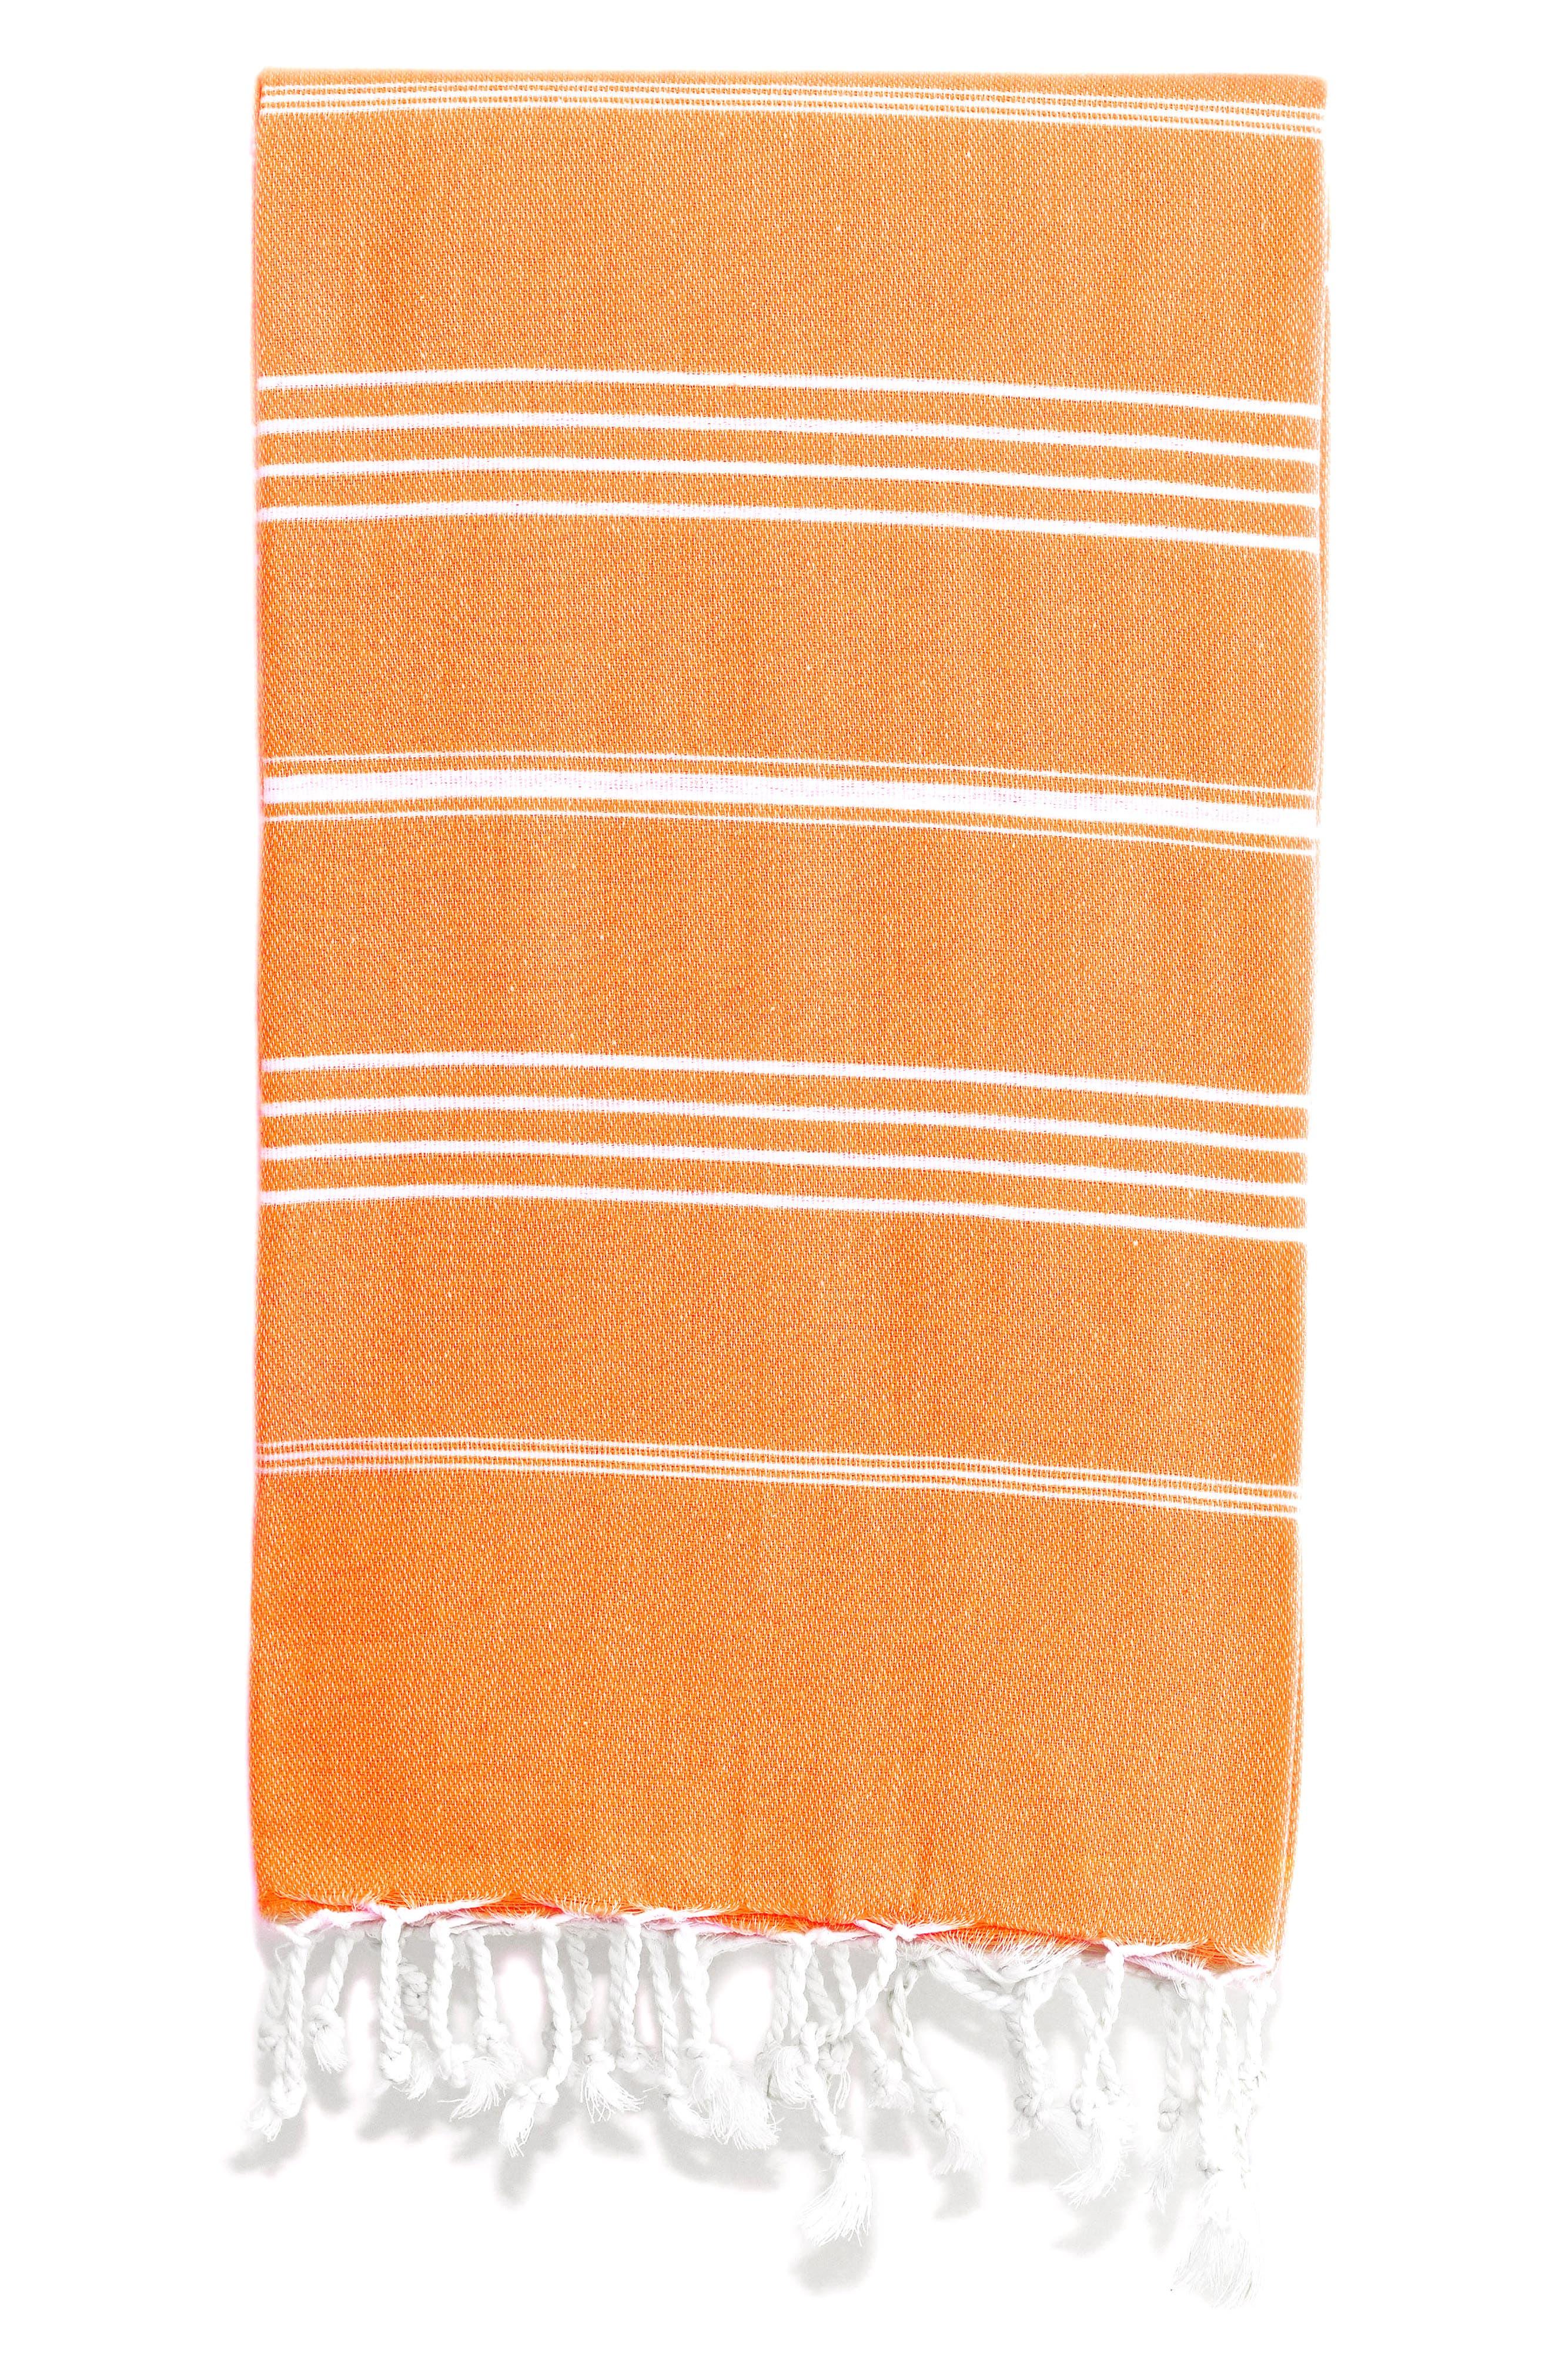 Linum Home Textiles 'Lucky' Turkish Pestemal Towel